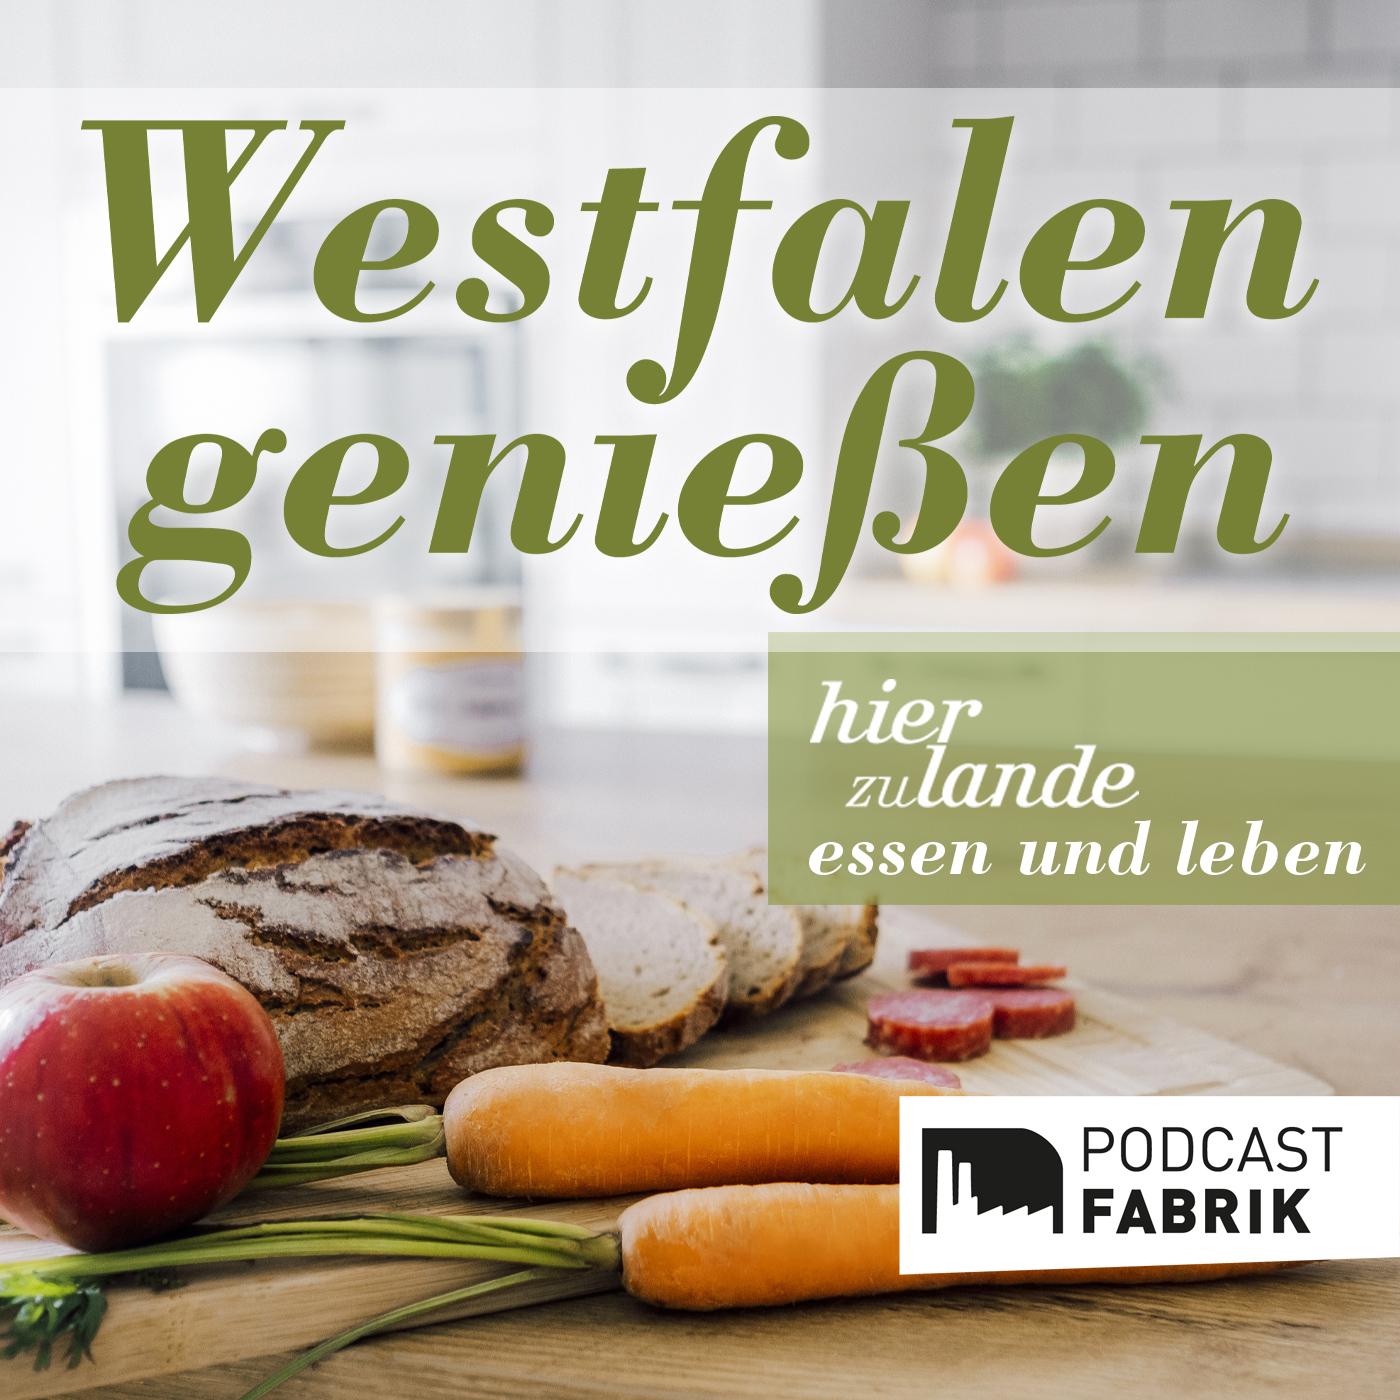 Westfalen genießen: Dein Kochpodcast